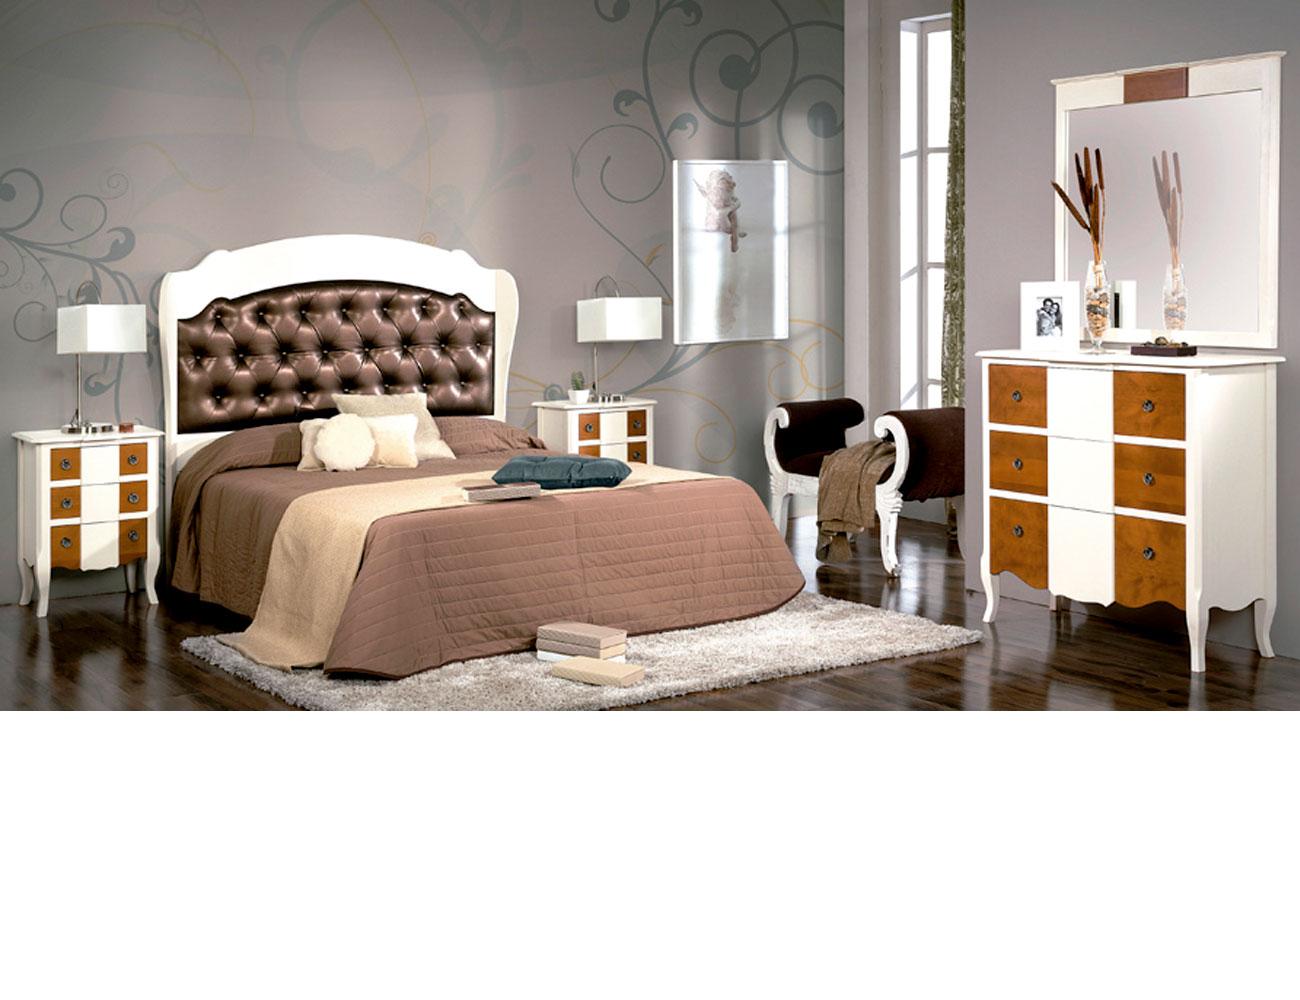 Dormitorio matrimonio cabecero tapizado polipiel comoda